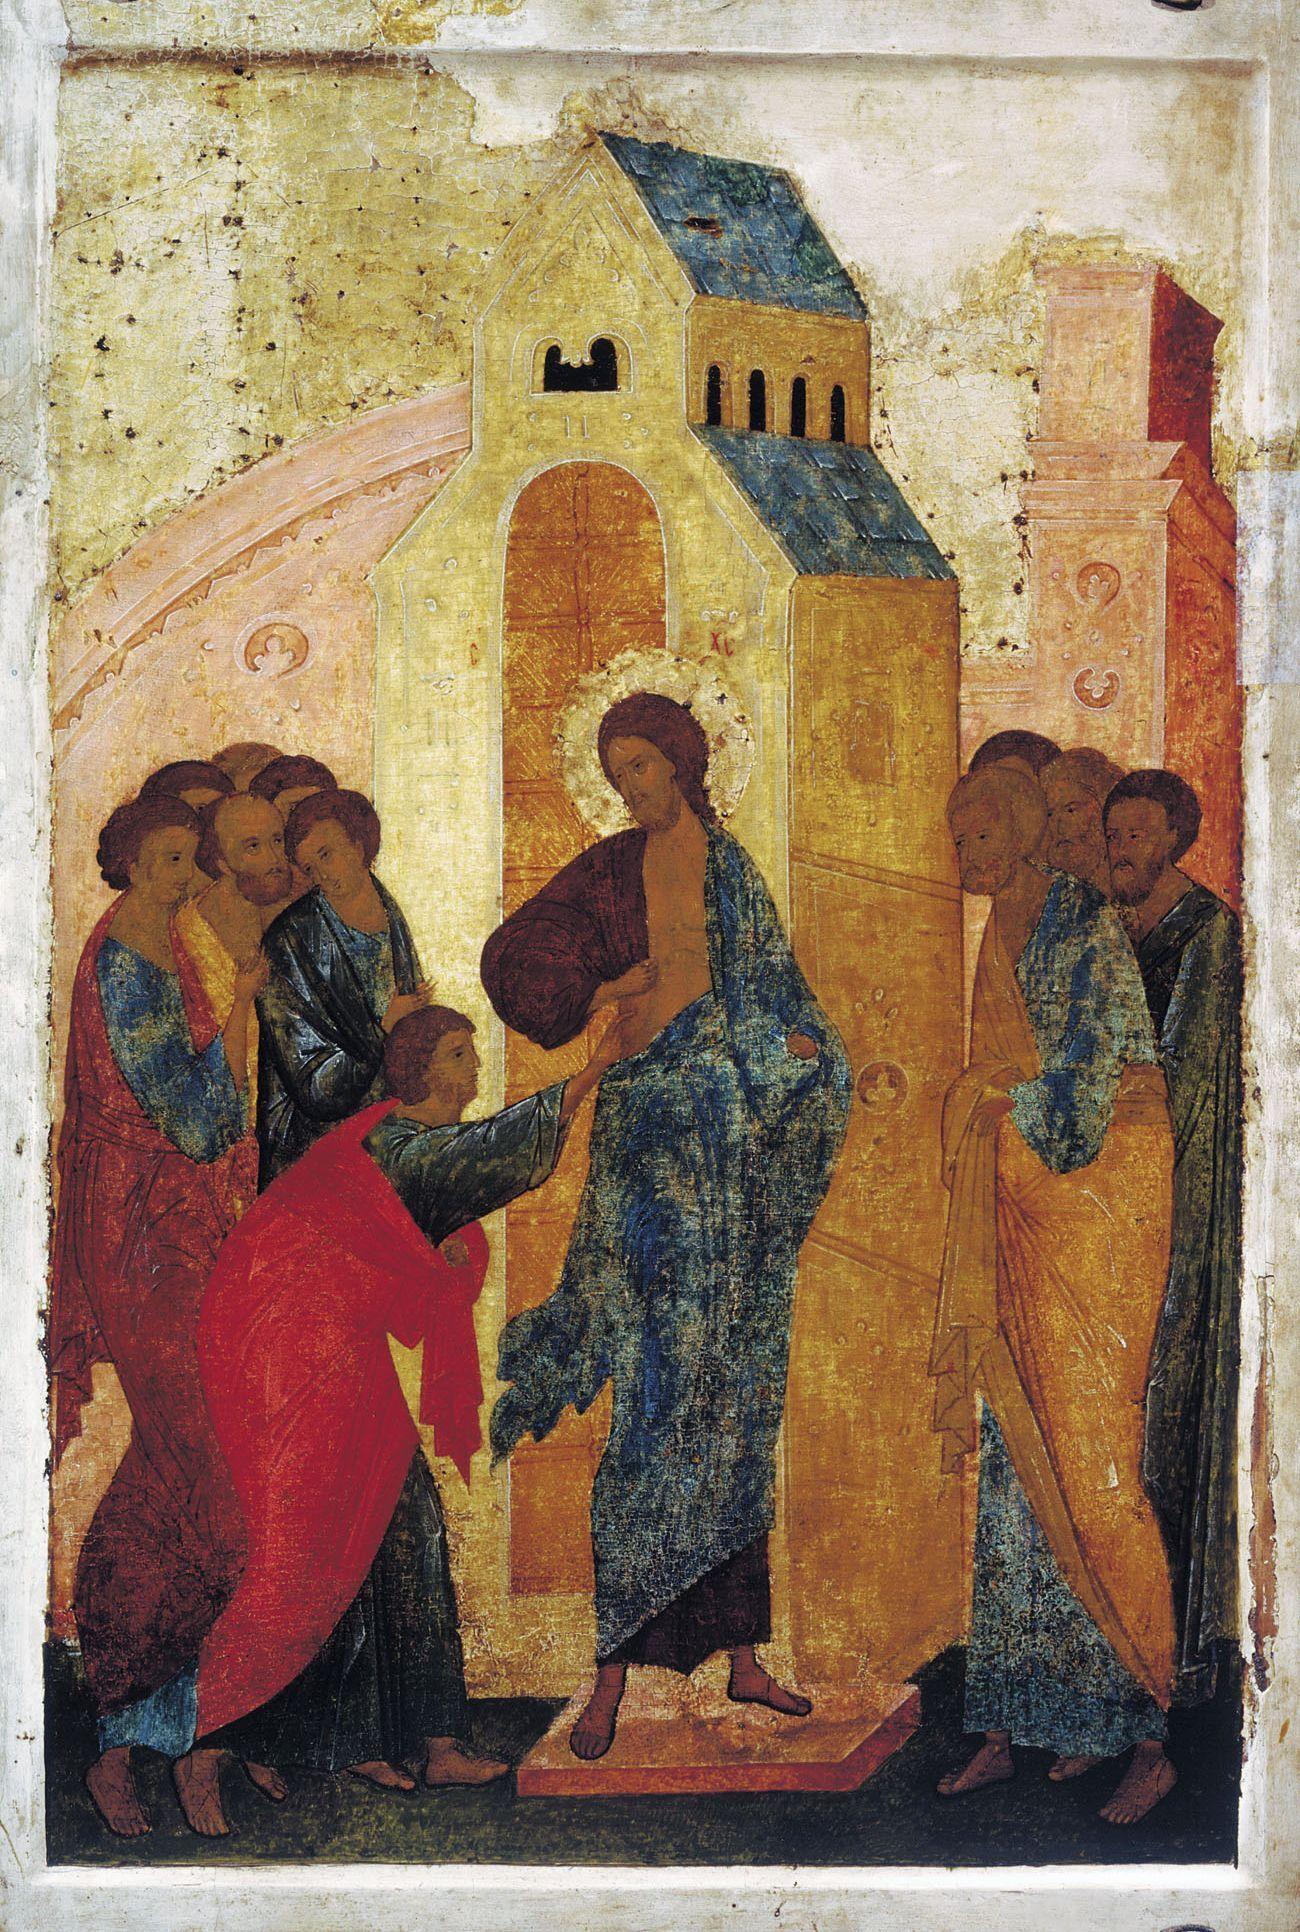 Лише коли Ісус показав Фомі свої рани і дозволив доторкнутися до них, той увірував